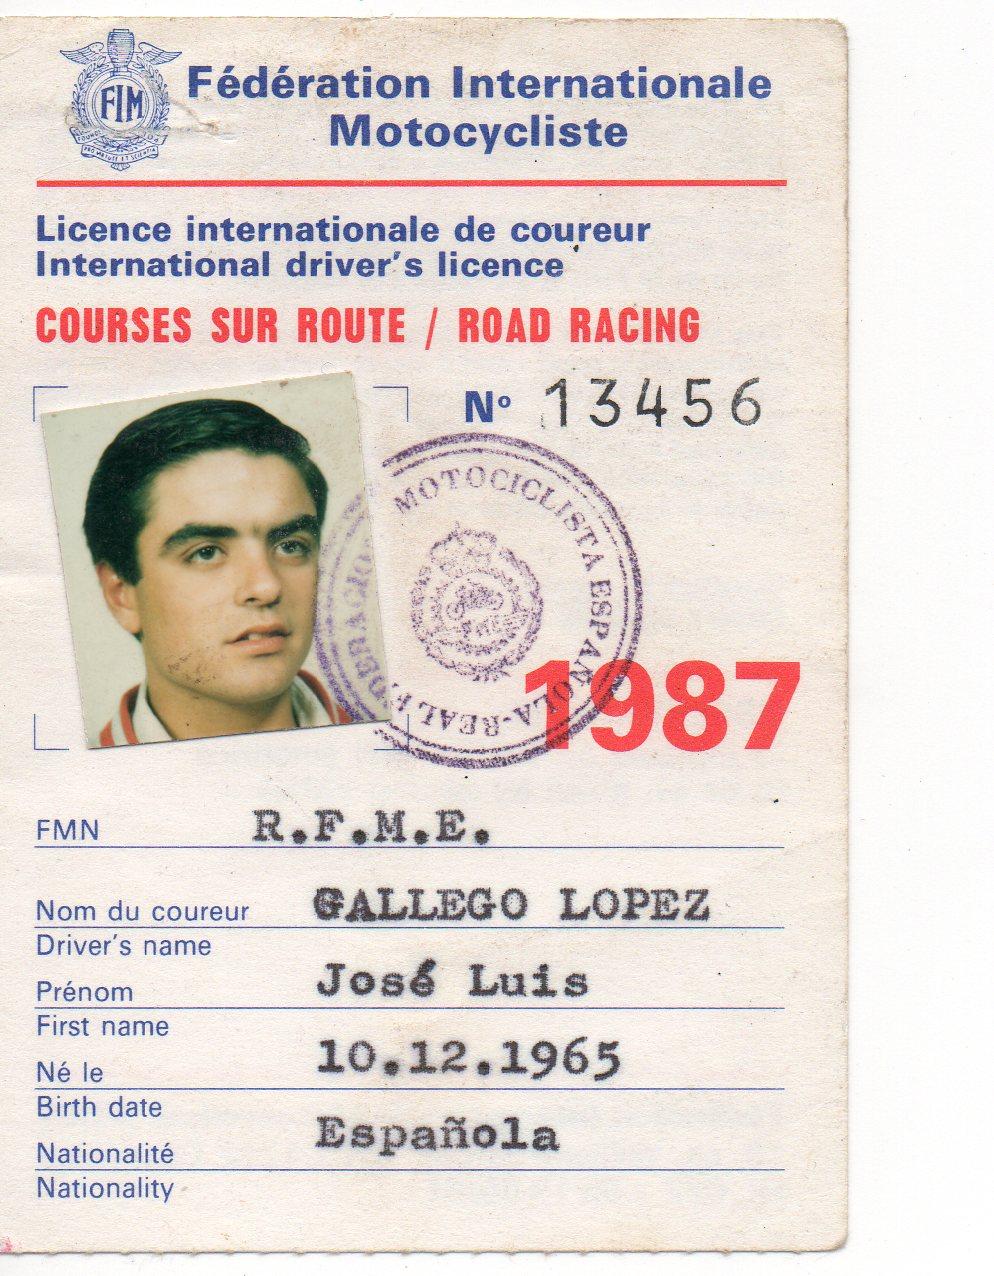 Antiguos pilotos: José Luis Gallego (V) 2lj52eq